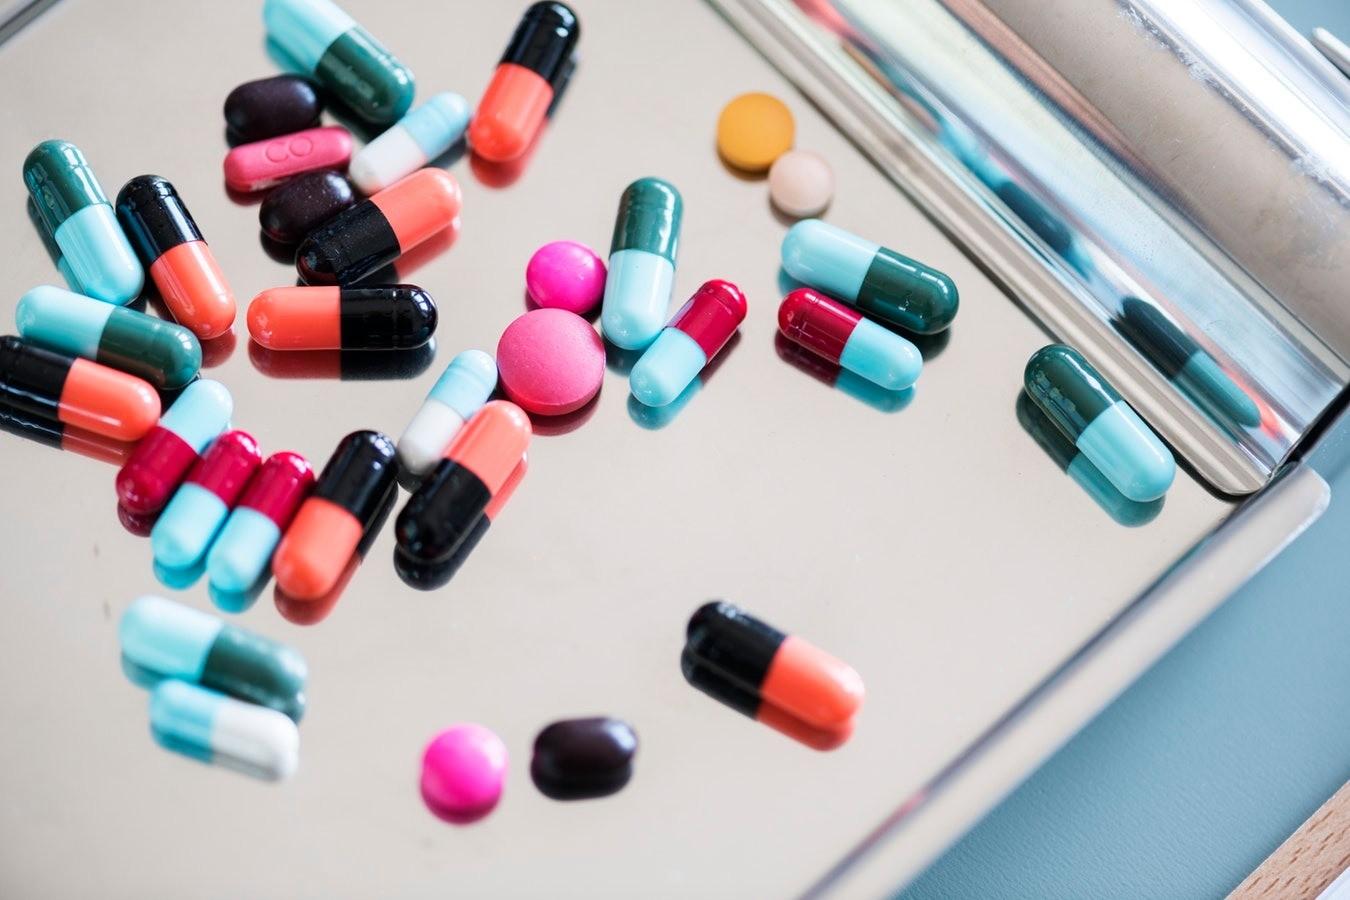 Какие противозачаточные таблетки лучше? 5 самых популярных препаратов